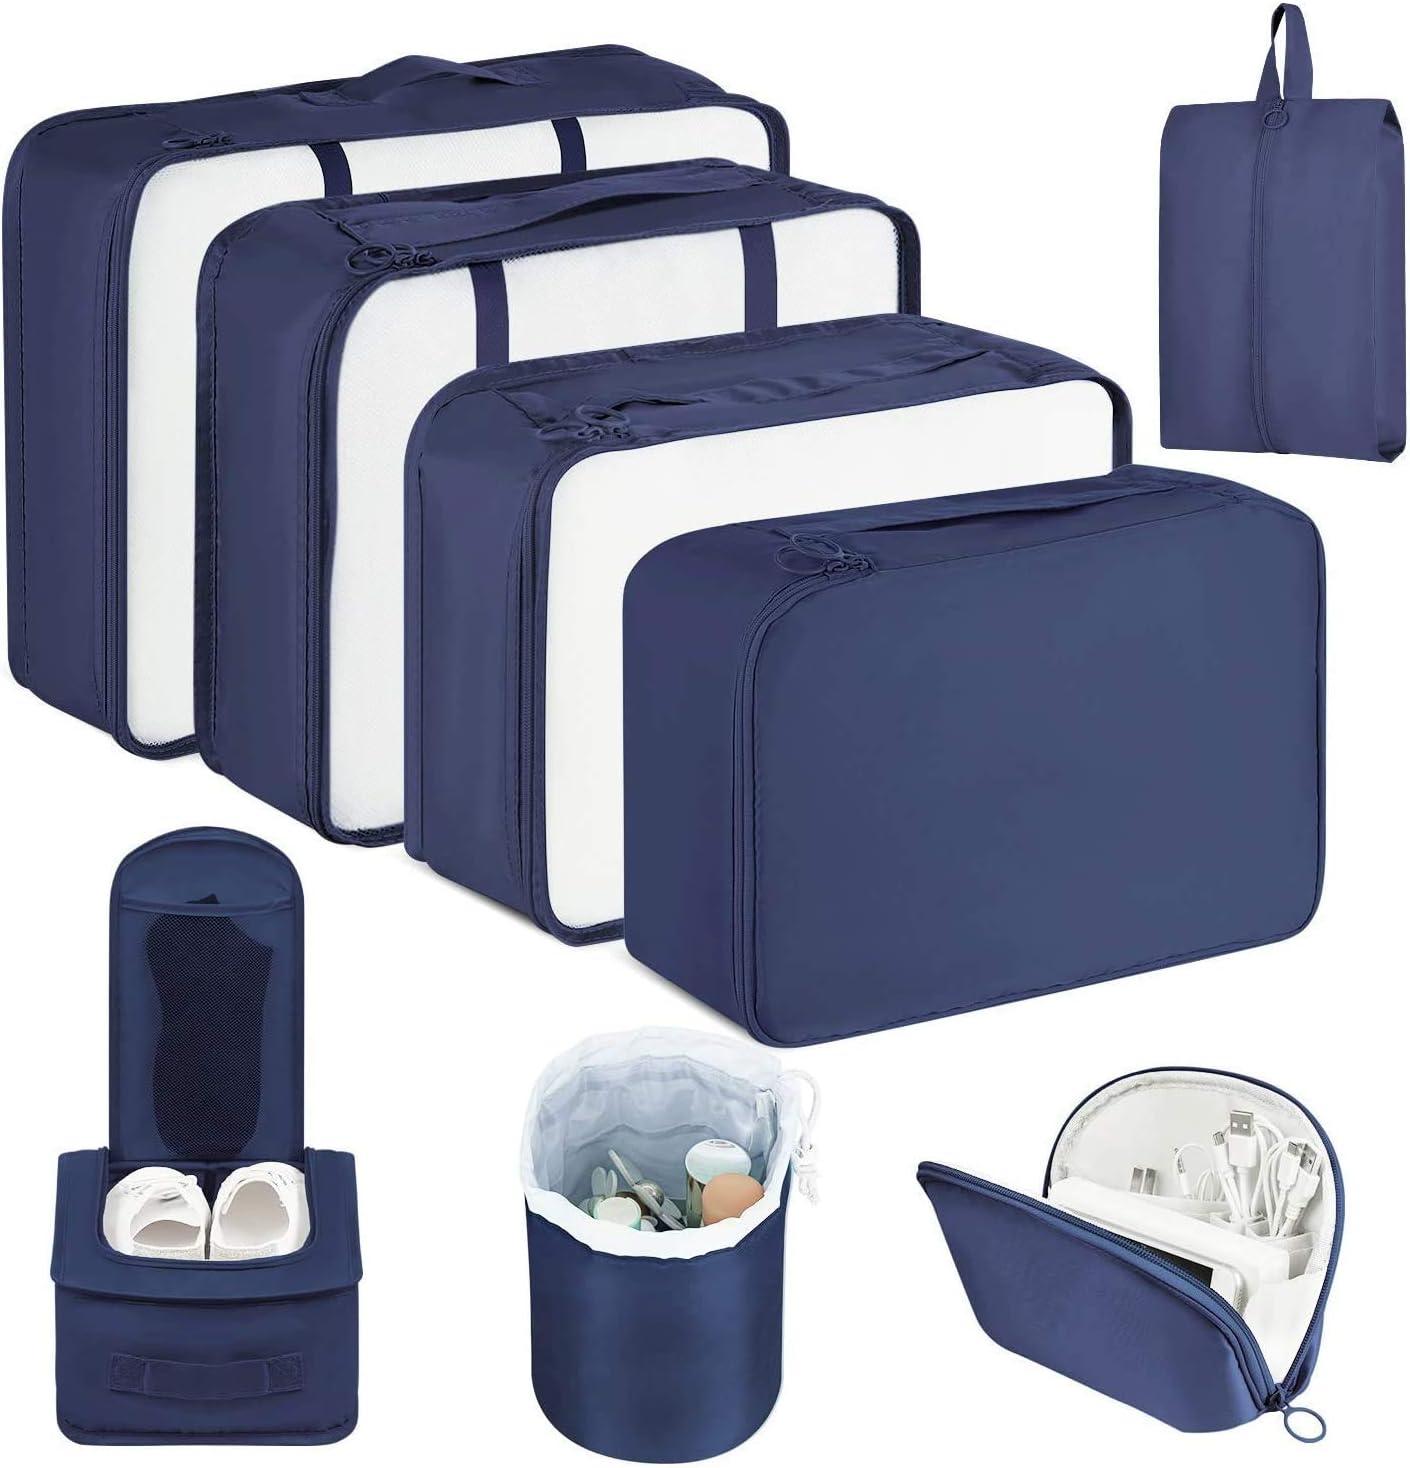 CISHANJIA Organizador de Maletas, Set de 8 Organizador de Equipaje para Maleta con Bolsa para Maquillaje, Bolsa para la Colada y Bolsa para Zapatos (Azul Marino)